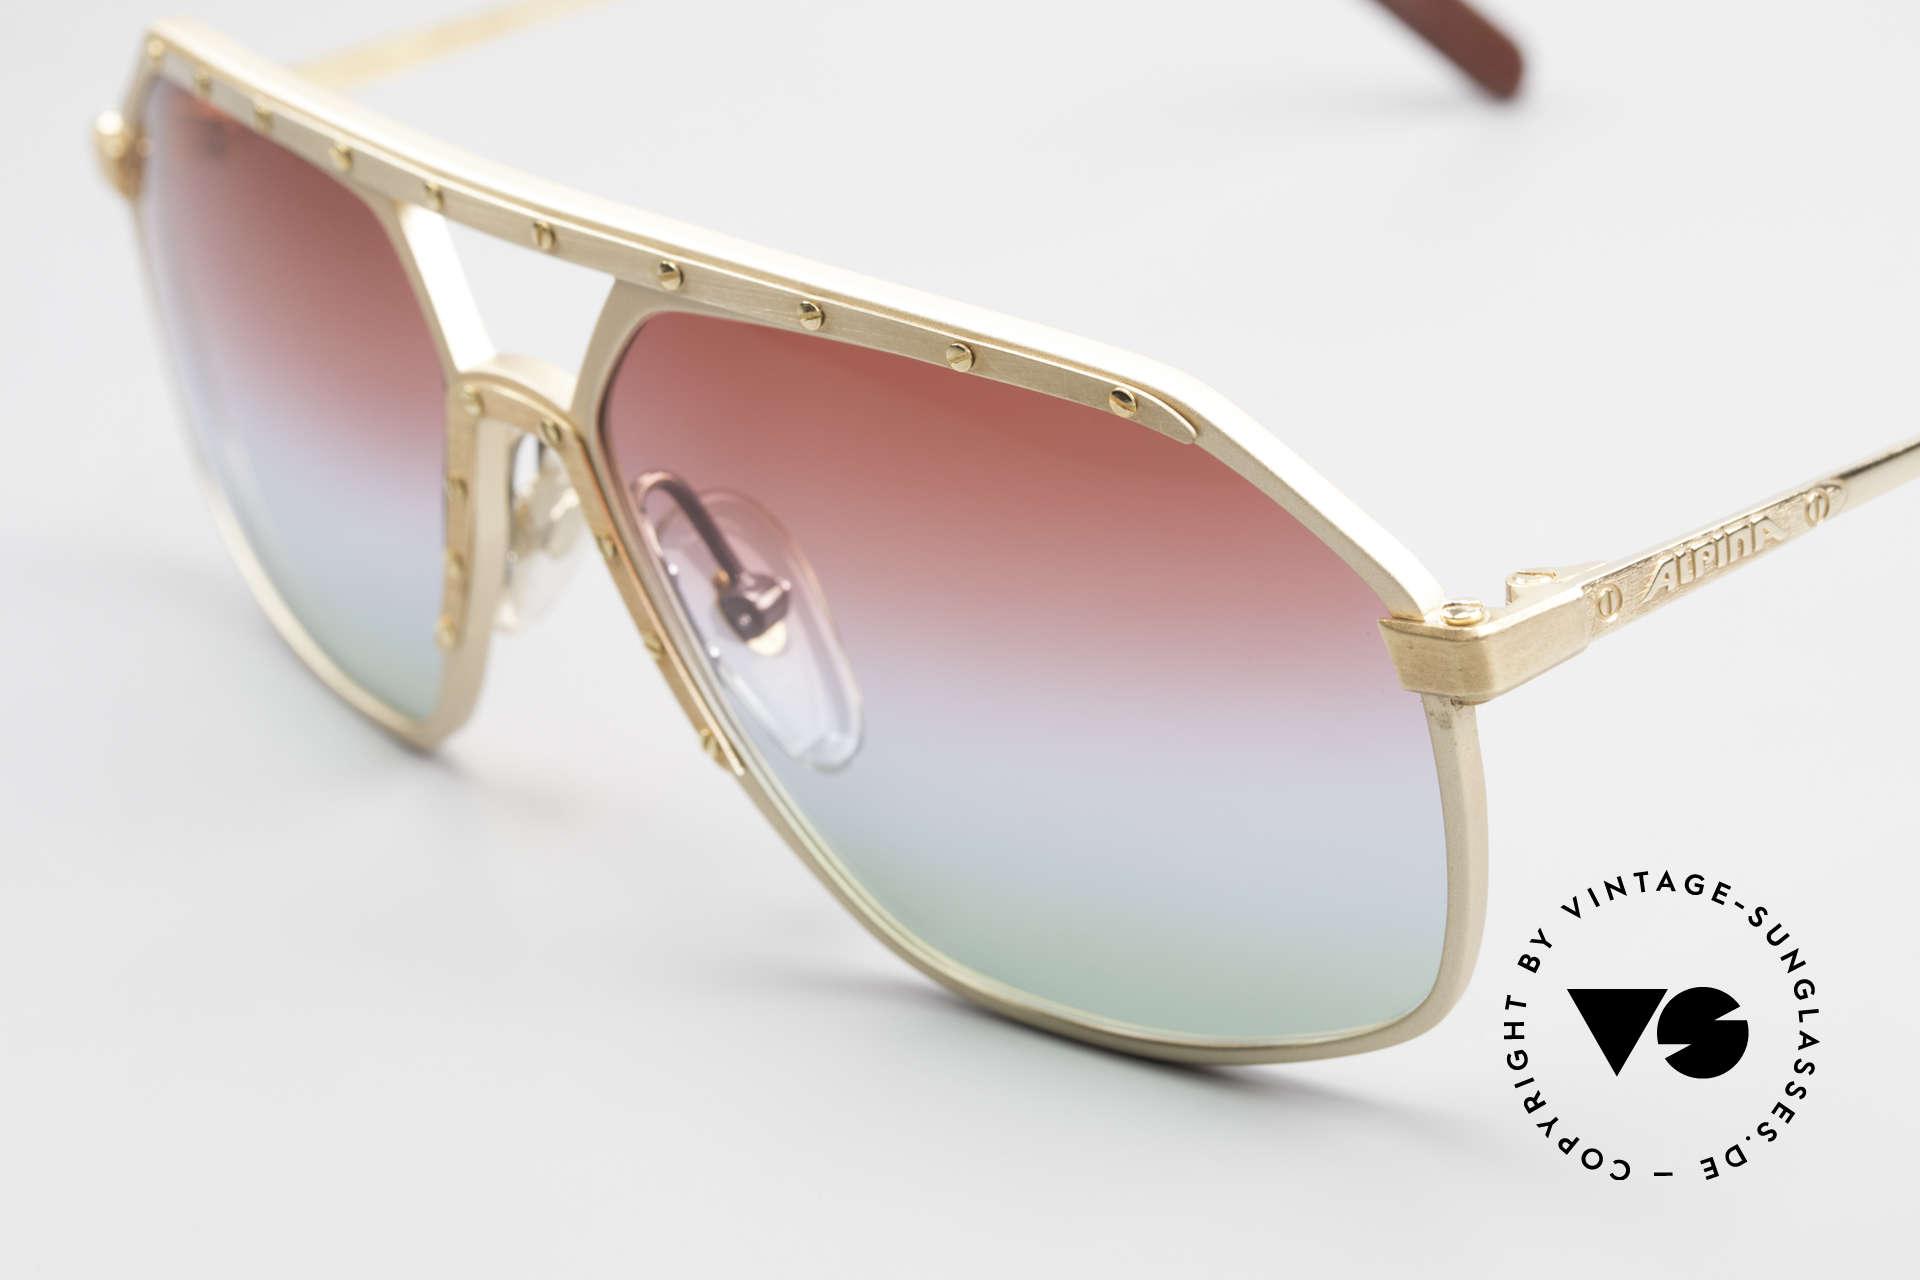 Alpina M6 West Germany Sonnenbrille, Farbverlauf schimmert wie Polarlichter; Einzelstück, Passend für Herren und Damen